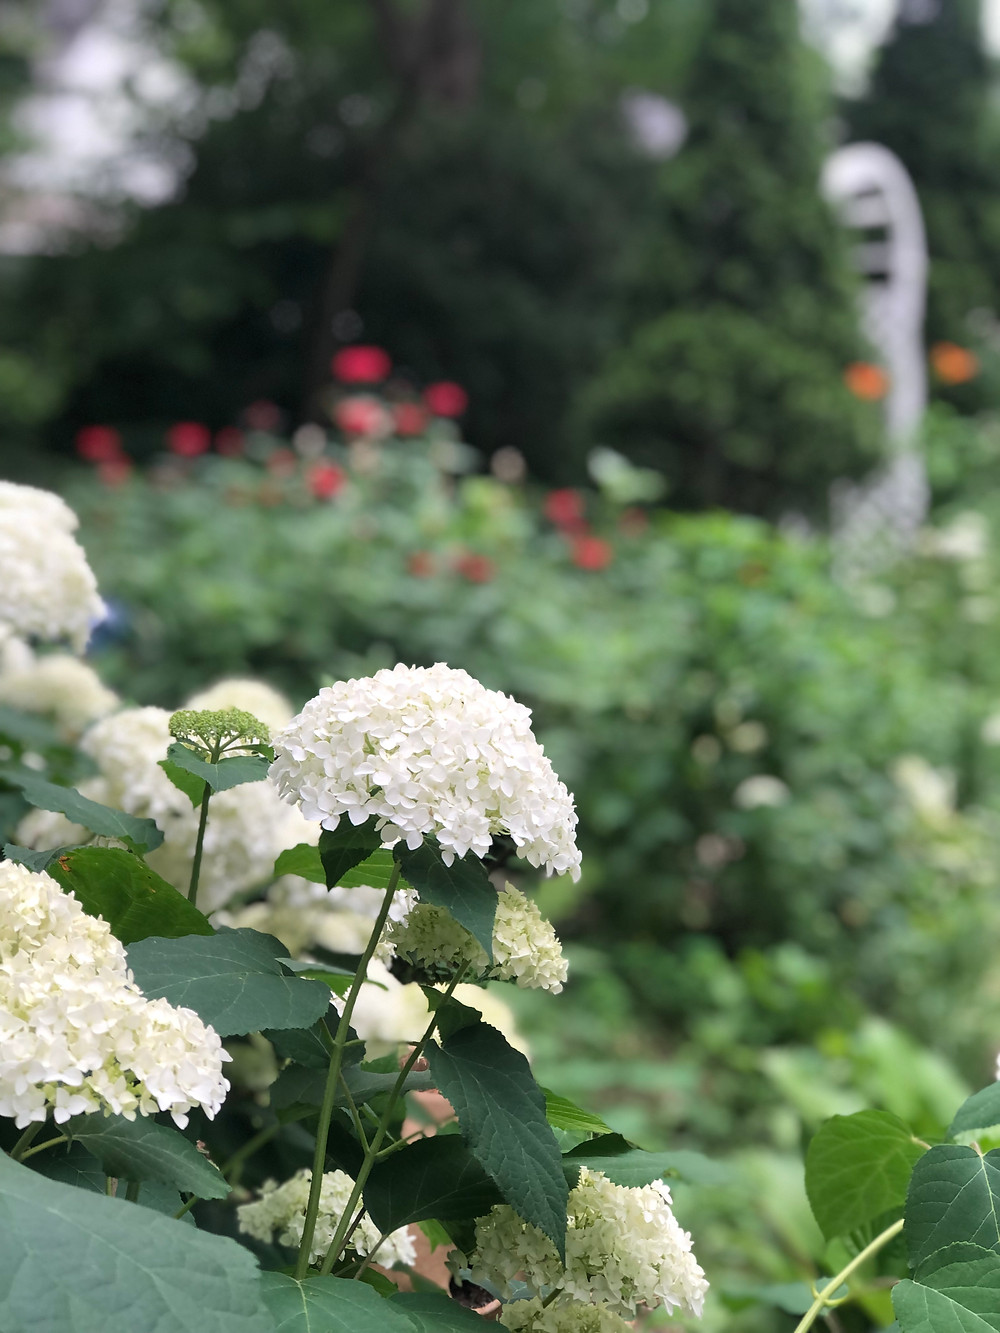 My Garden, 2021